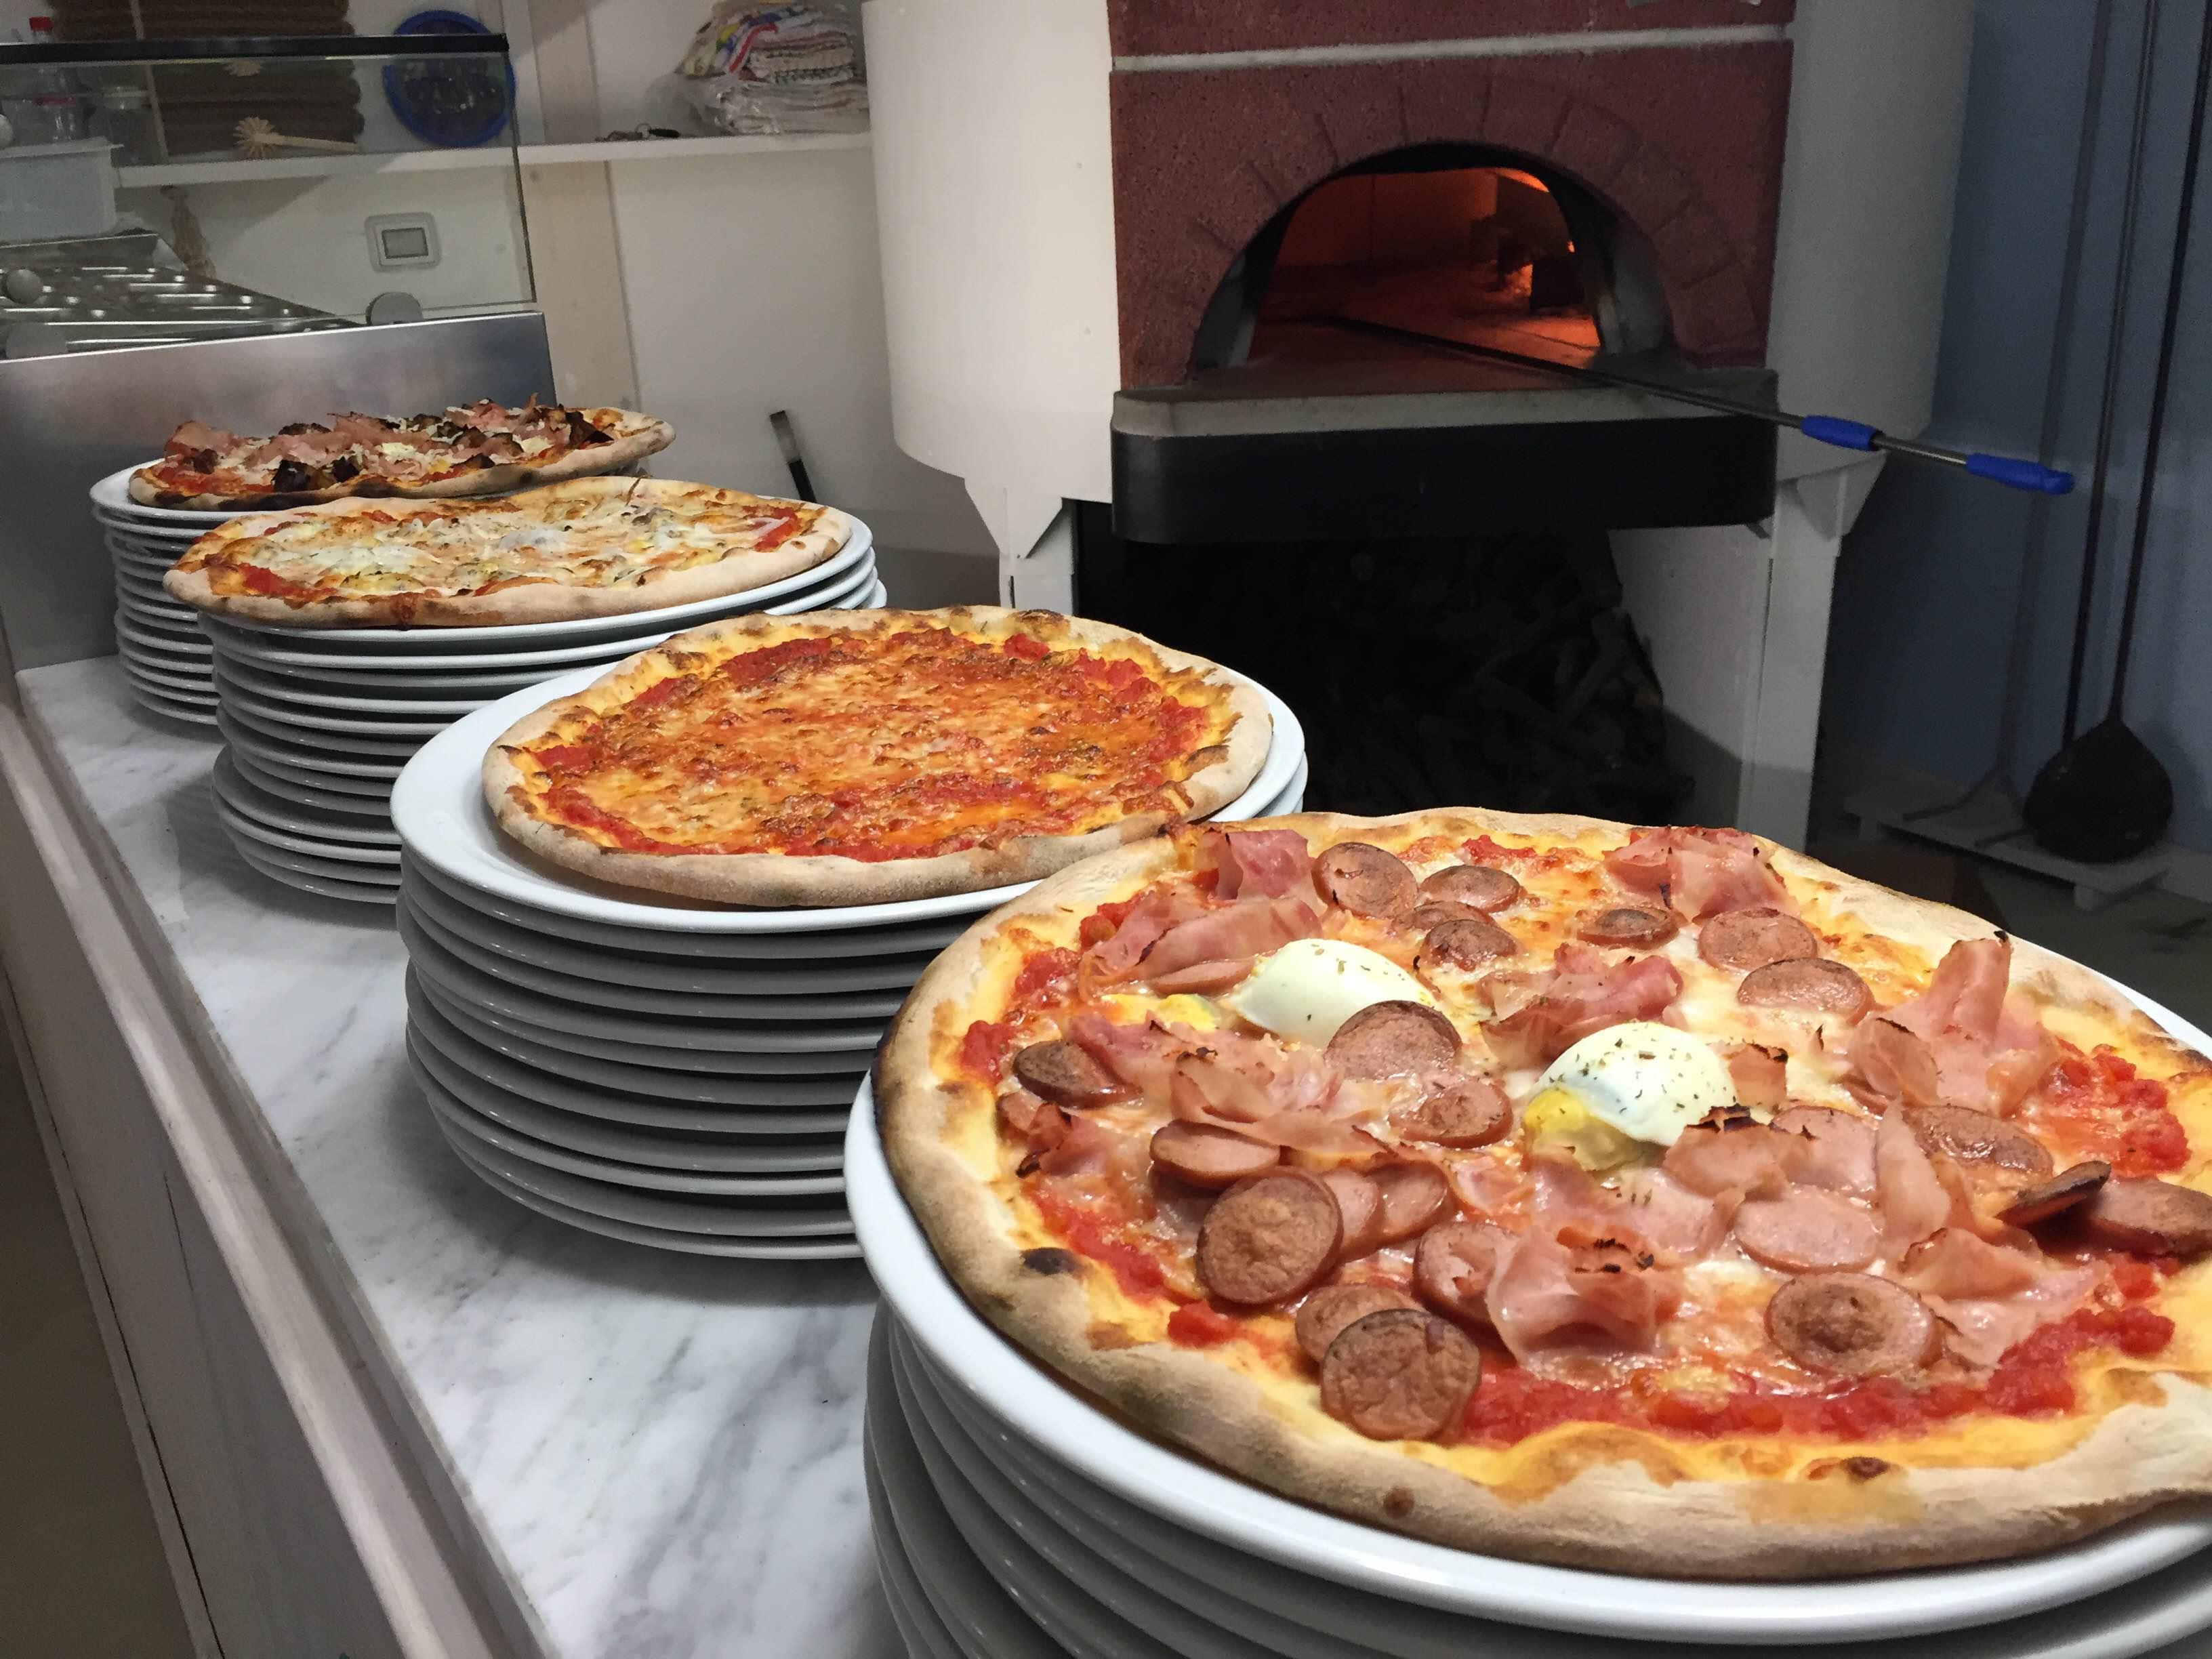 https://www.ragusanews.com//immagini_articoli/20-12-2015/1450628284-1-la-vera-pizza-napoletana-a-donnalucata.jpg